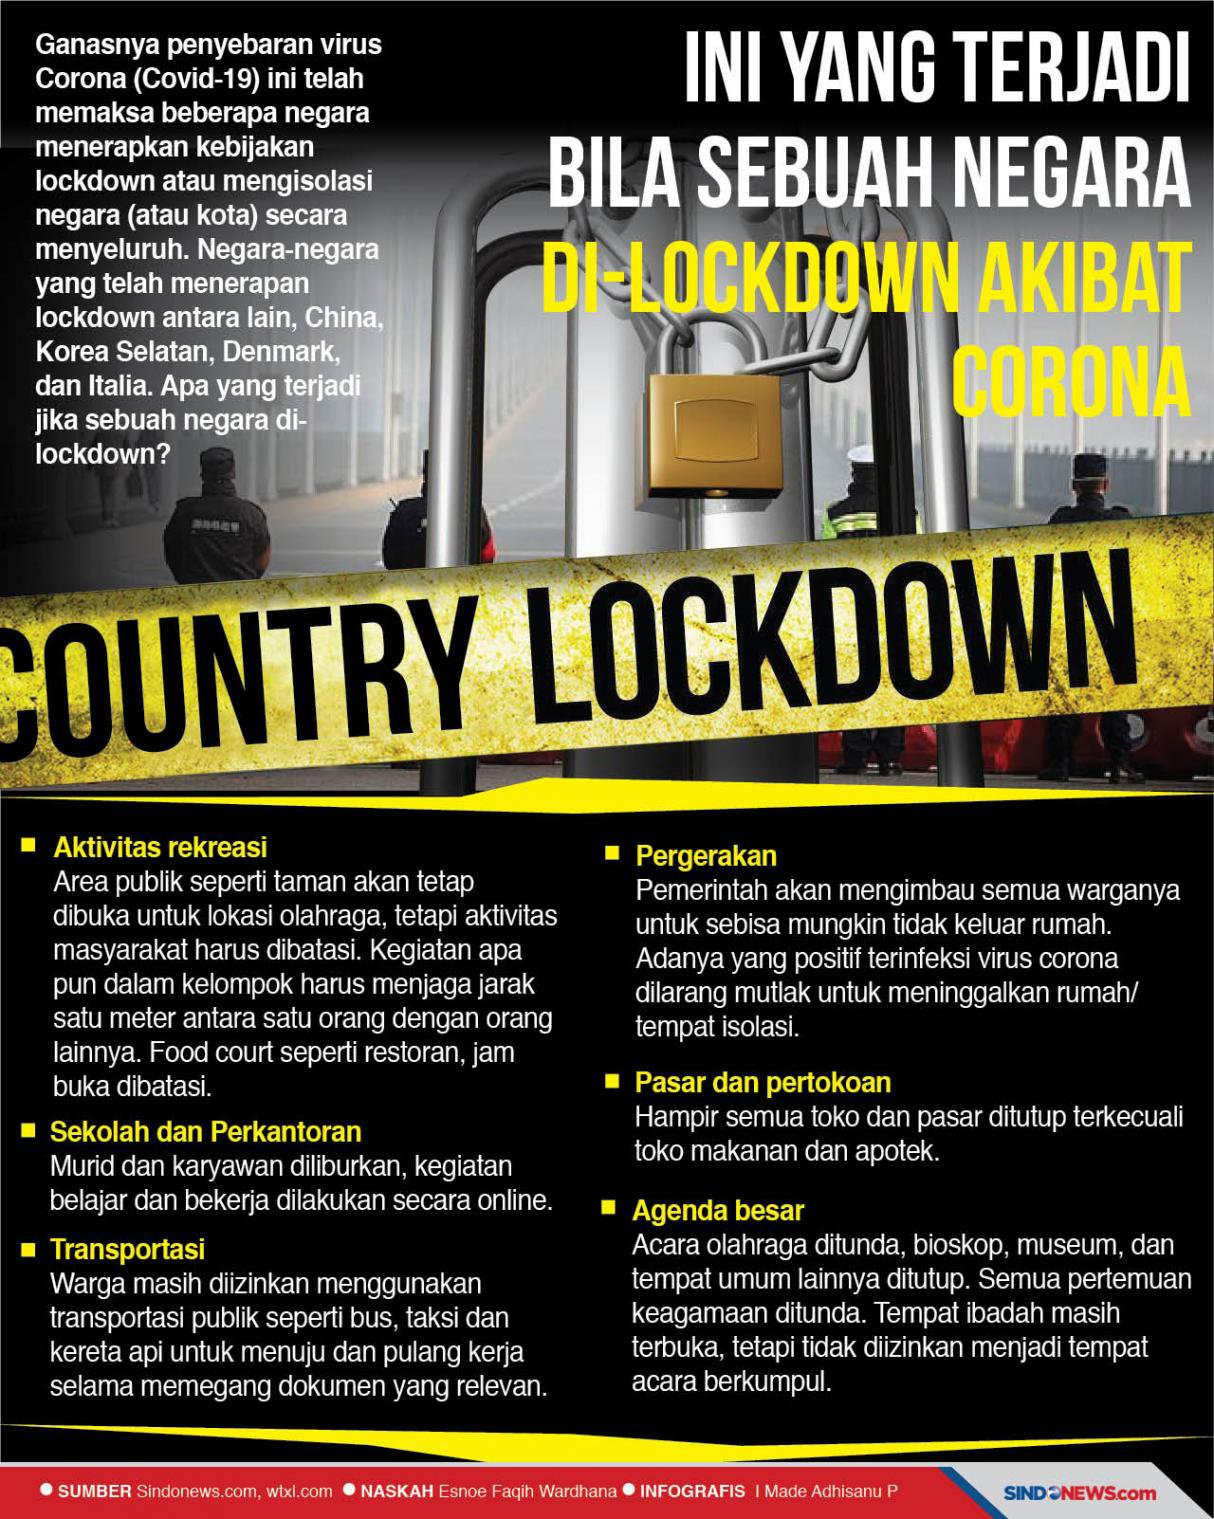 Catat! Ini yang Terjadi Bila Lockdown karena Corona Diterapkan